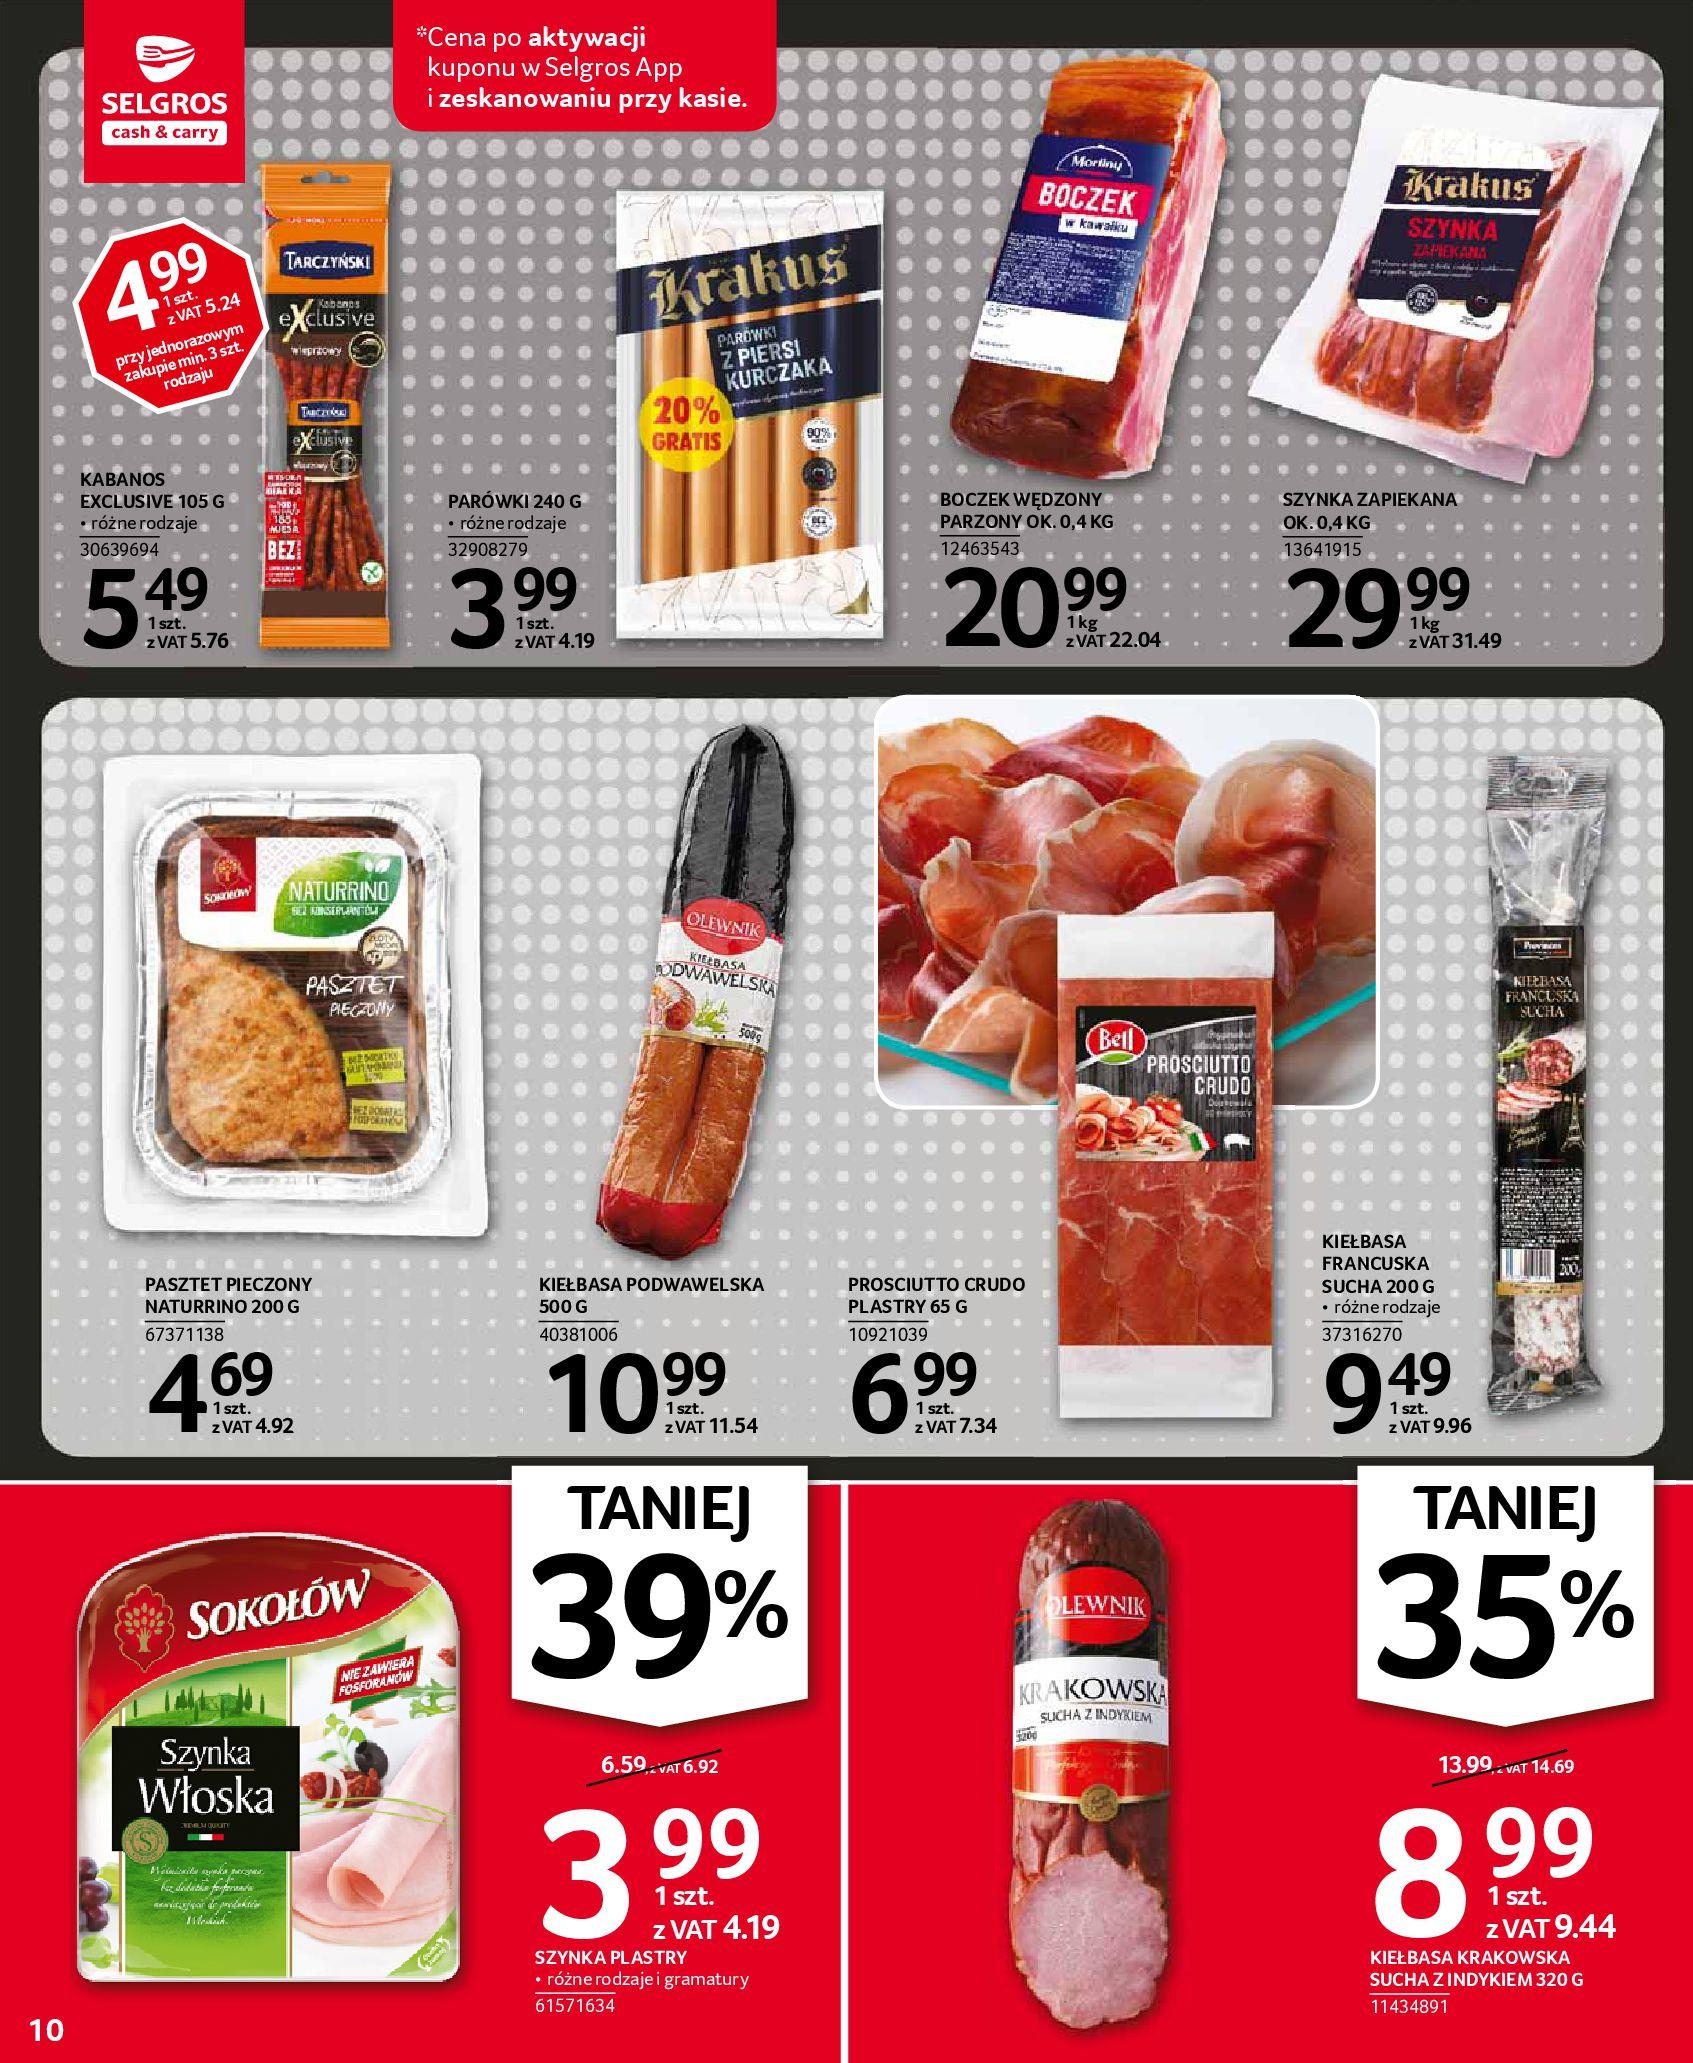 Gazetka Selgros: Oferta spożywcza 2021-01-07 page-10